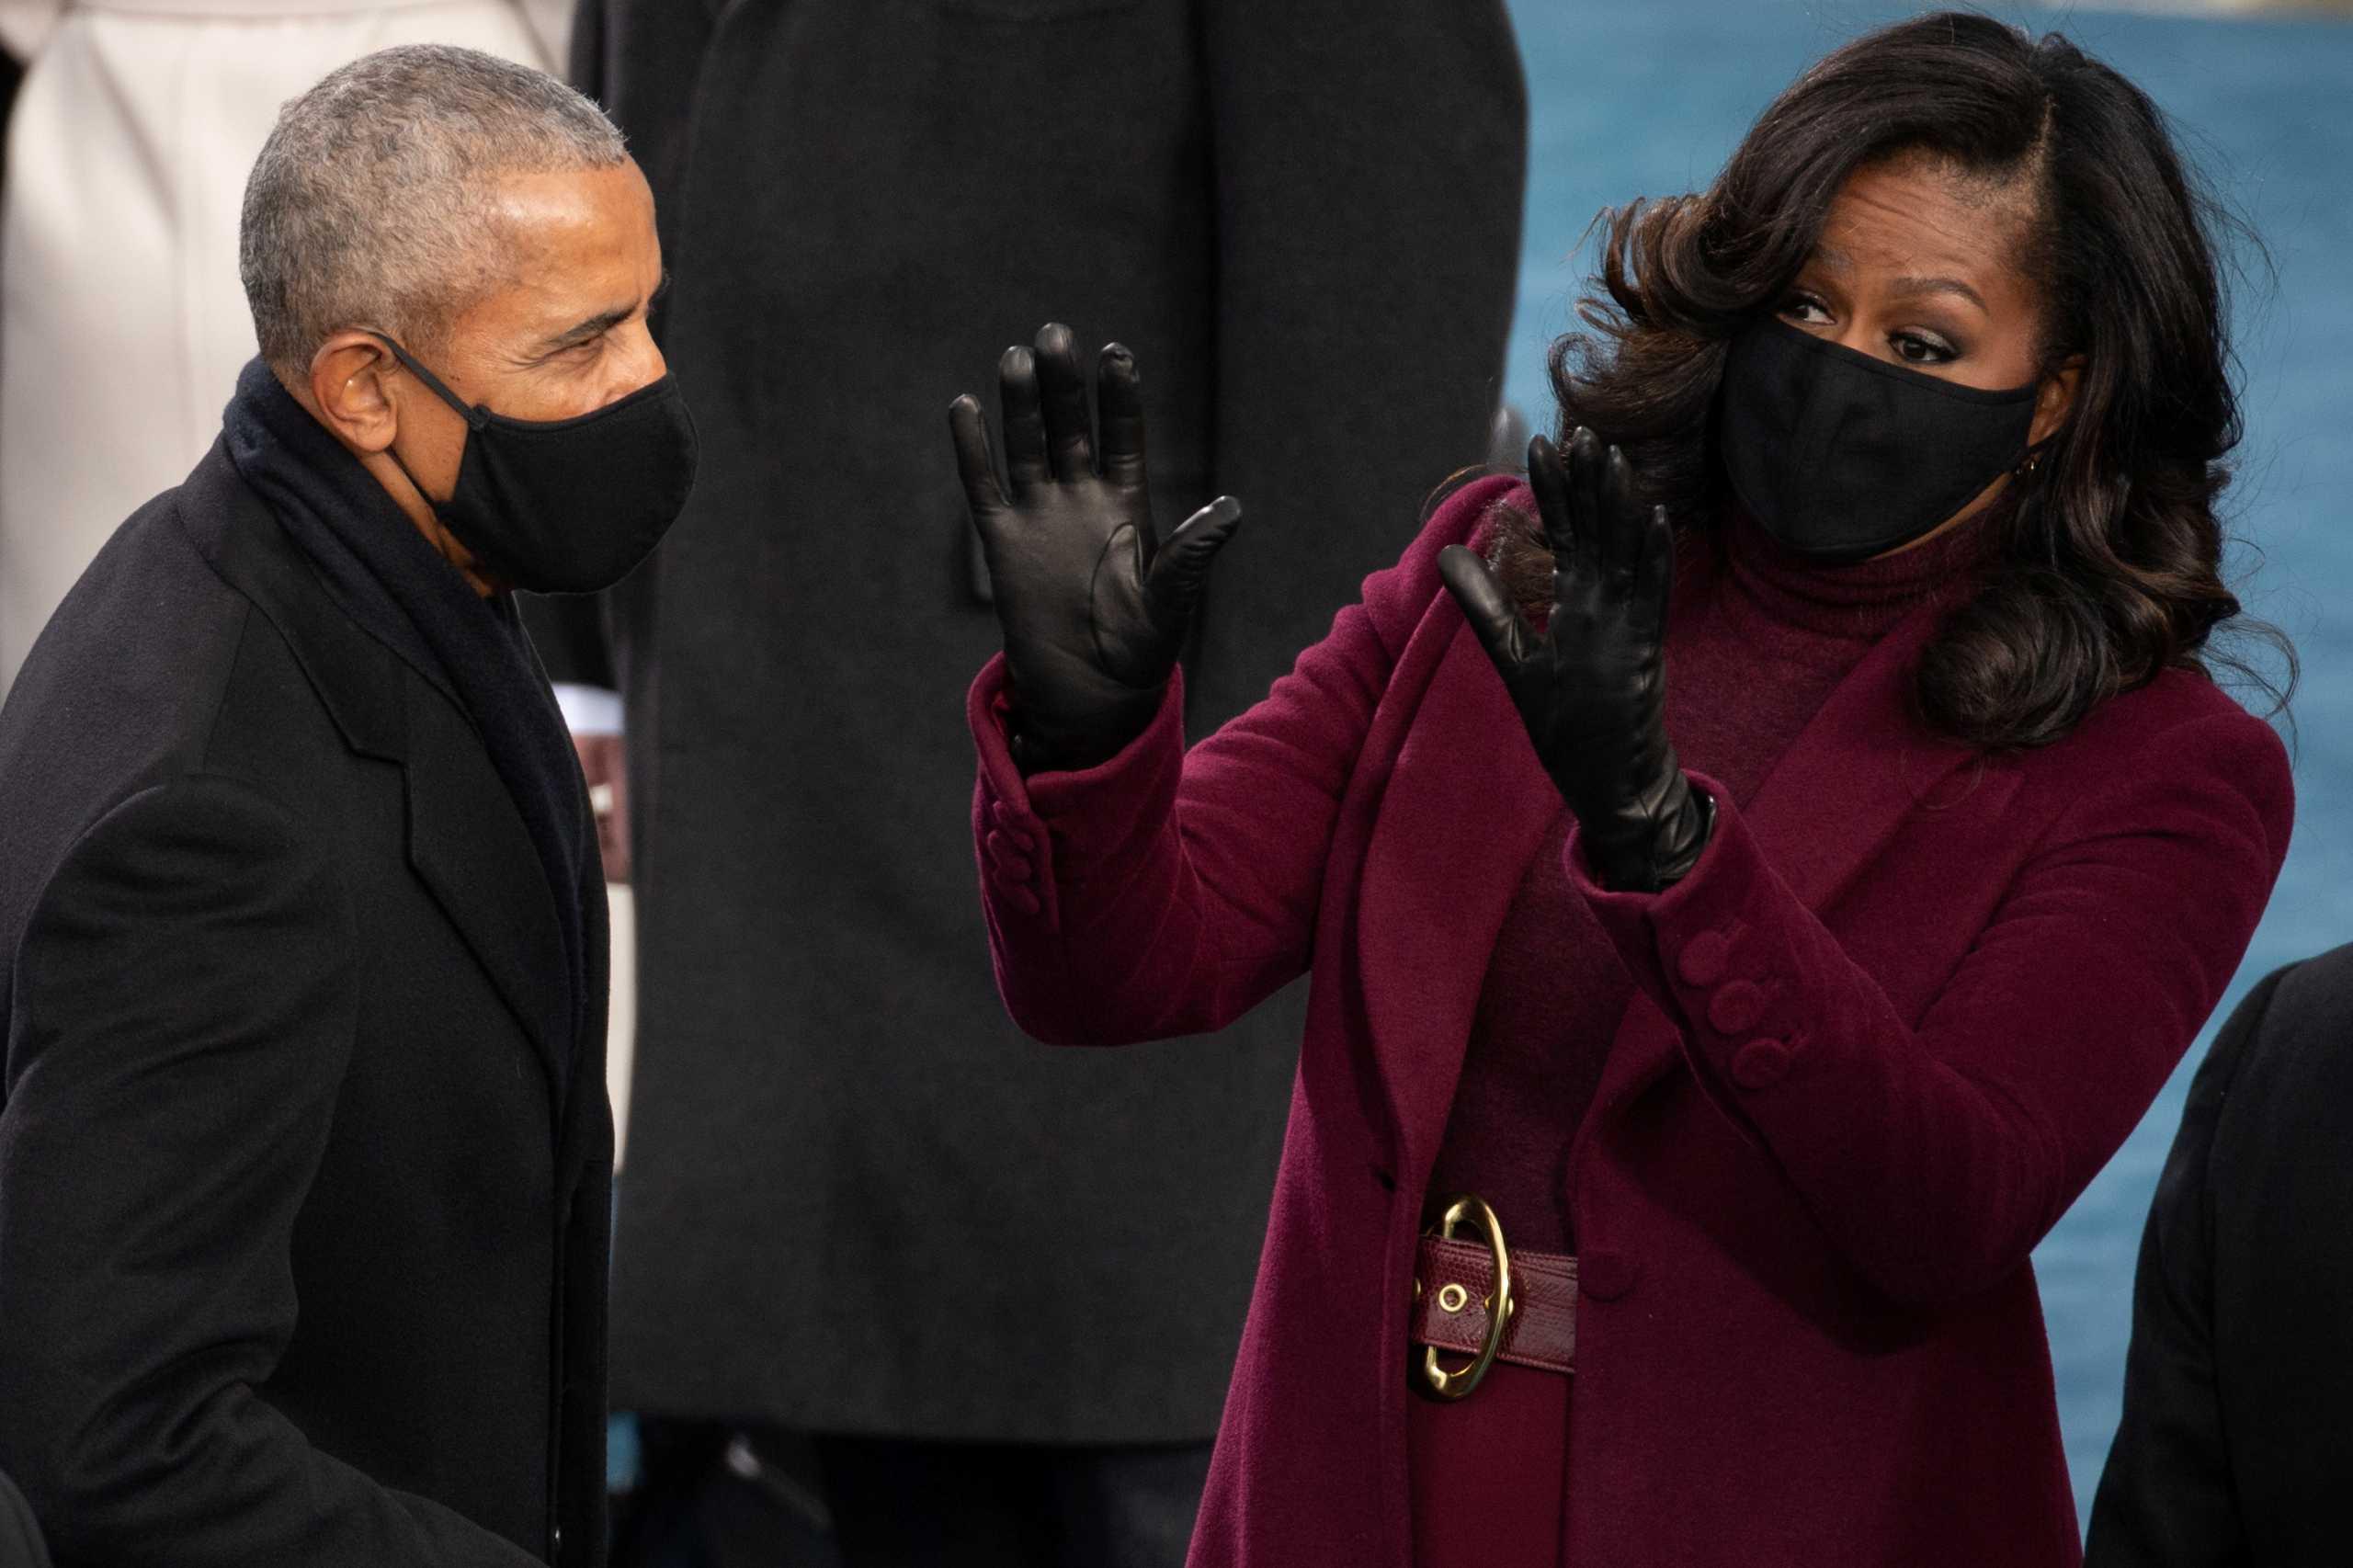 Μισέλ σε Μπαράκ Ομπάμα: Σταμάτα να αγκαλιάζεις κόσμο